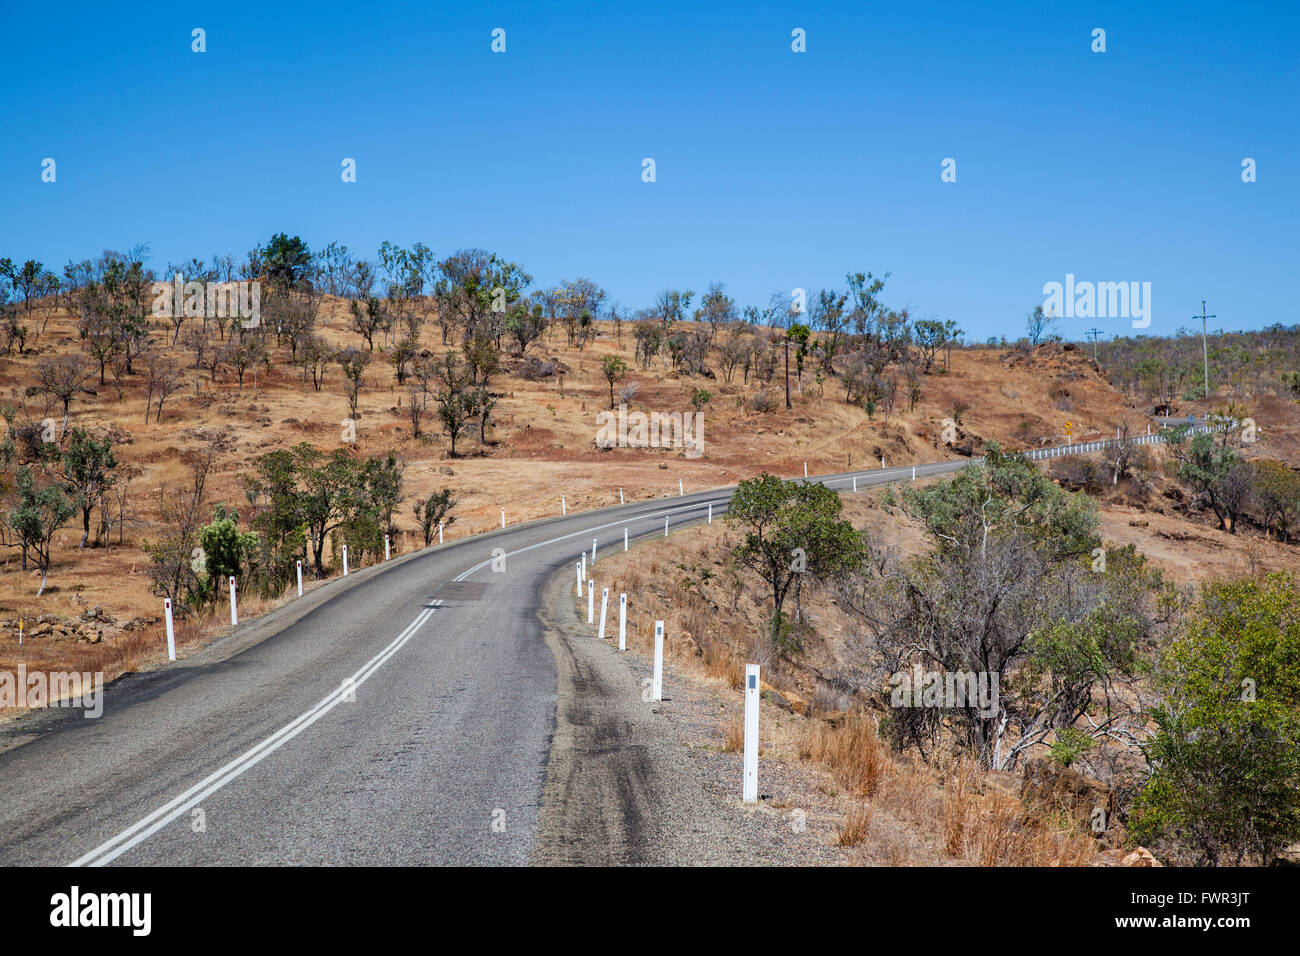 L'Australie, Queensland, Savannah Way, route de développement du Golfe Photo Stock